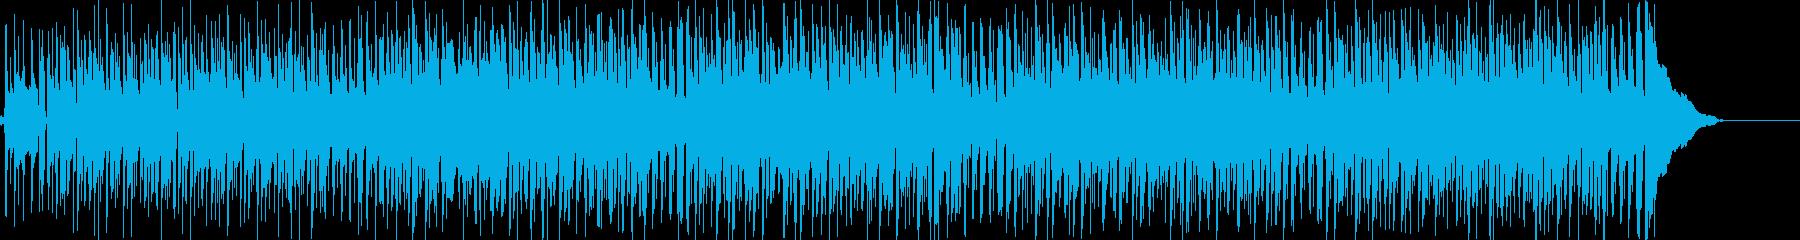 軽快なギターリフの繰り返しの再生済みの波形